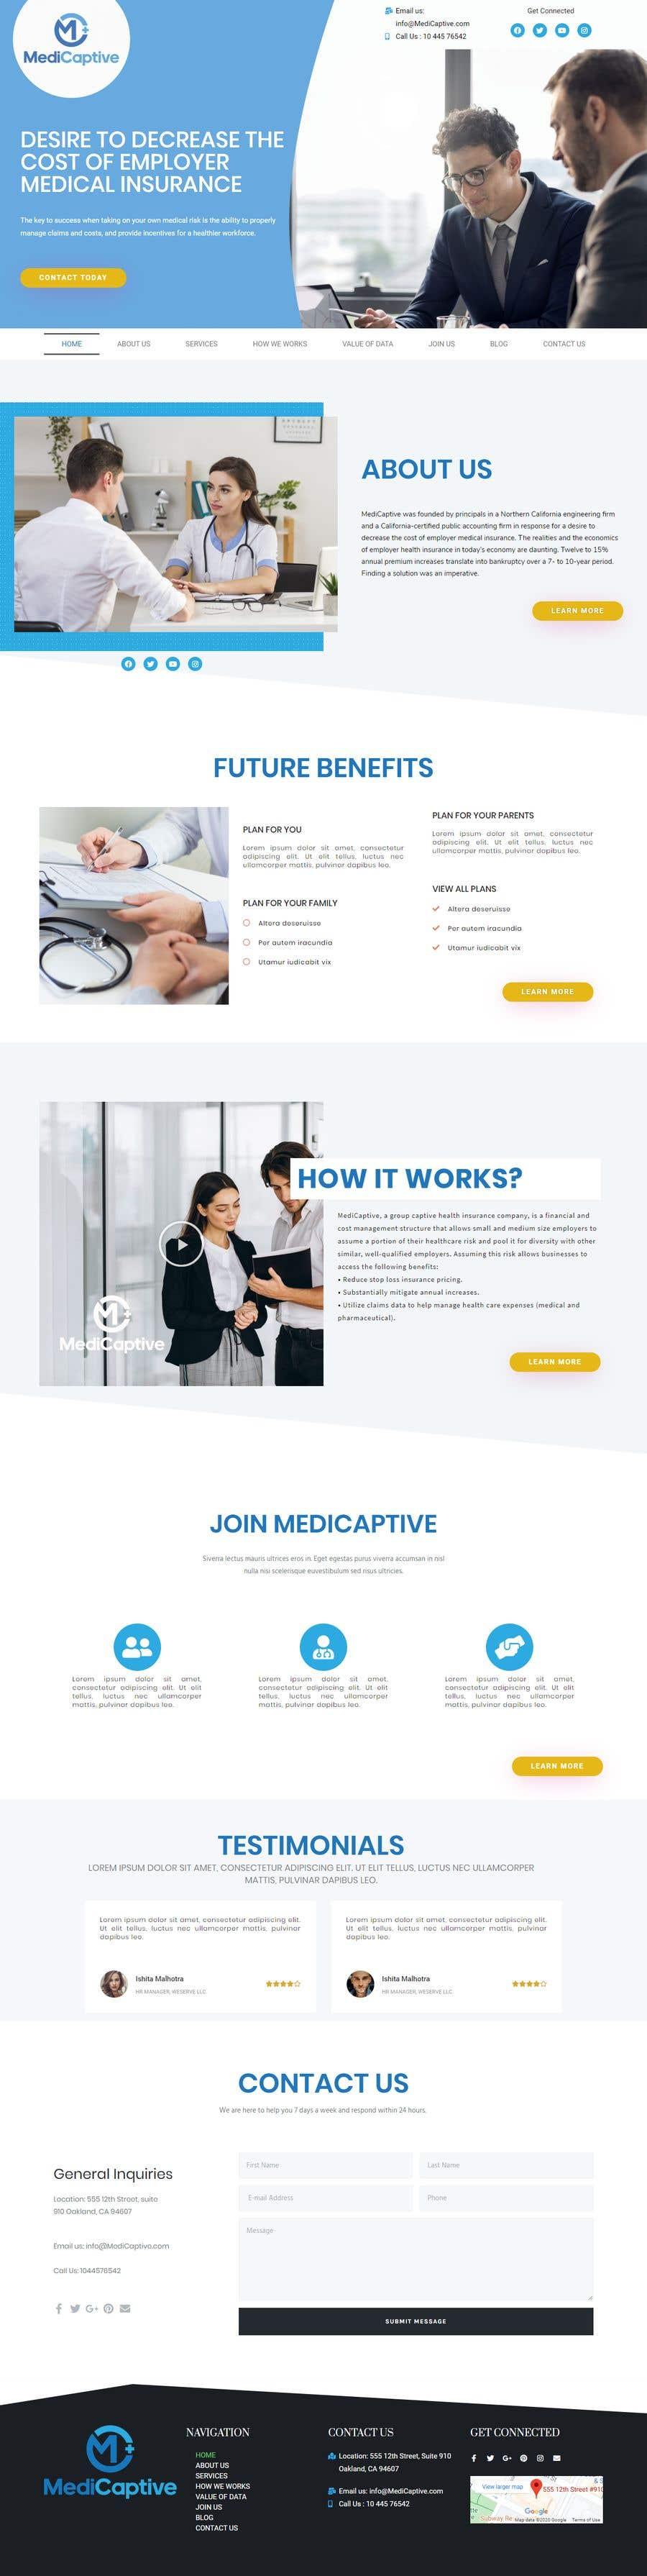 Konkurrenceindlæg #                                        79                                      for                                         Website Design